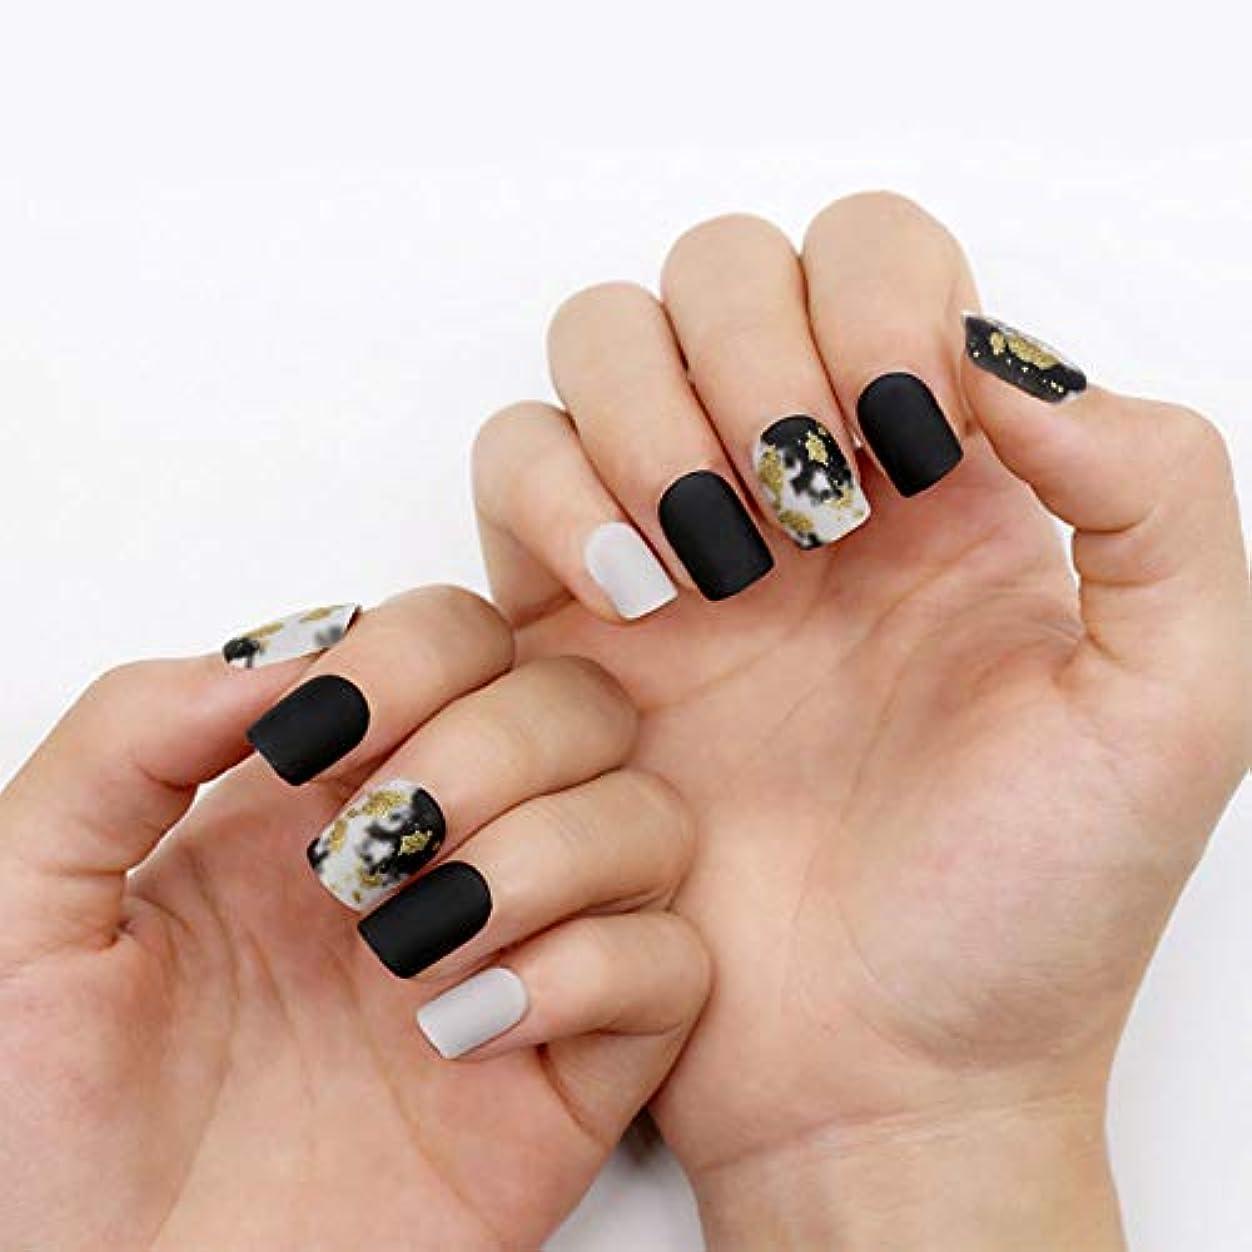 ジャンク下品収容するネイルチップ 12サイズ 夏の 優雅 黒 つけ爪 ネイル用品 ショート デコレーション 無地 付け爪